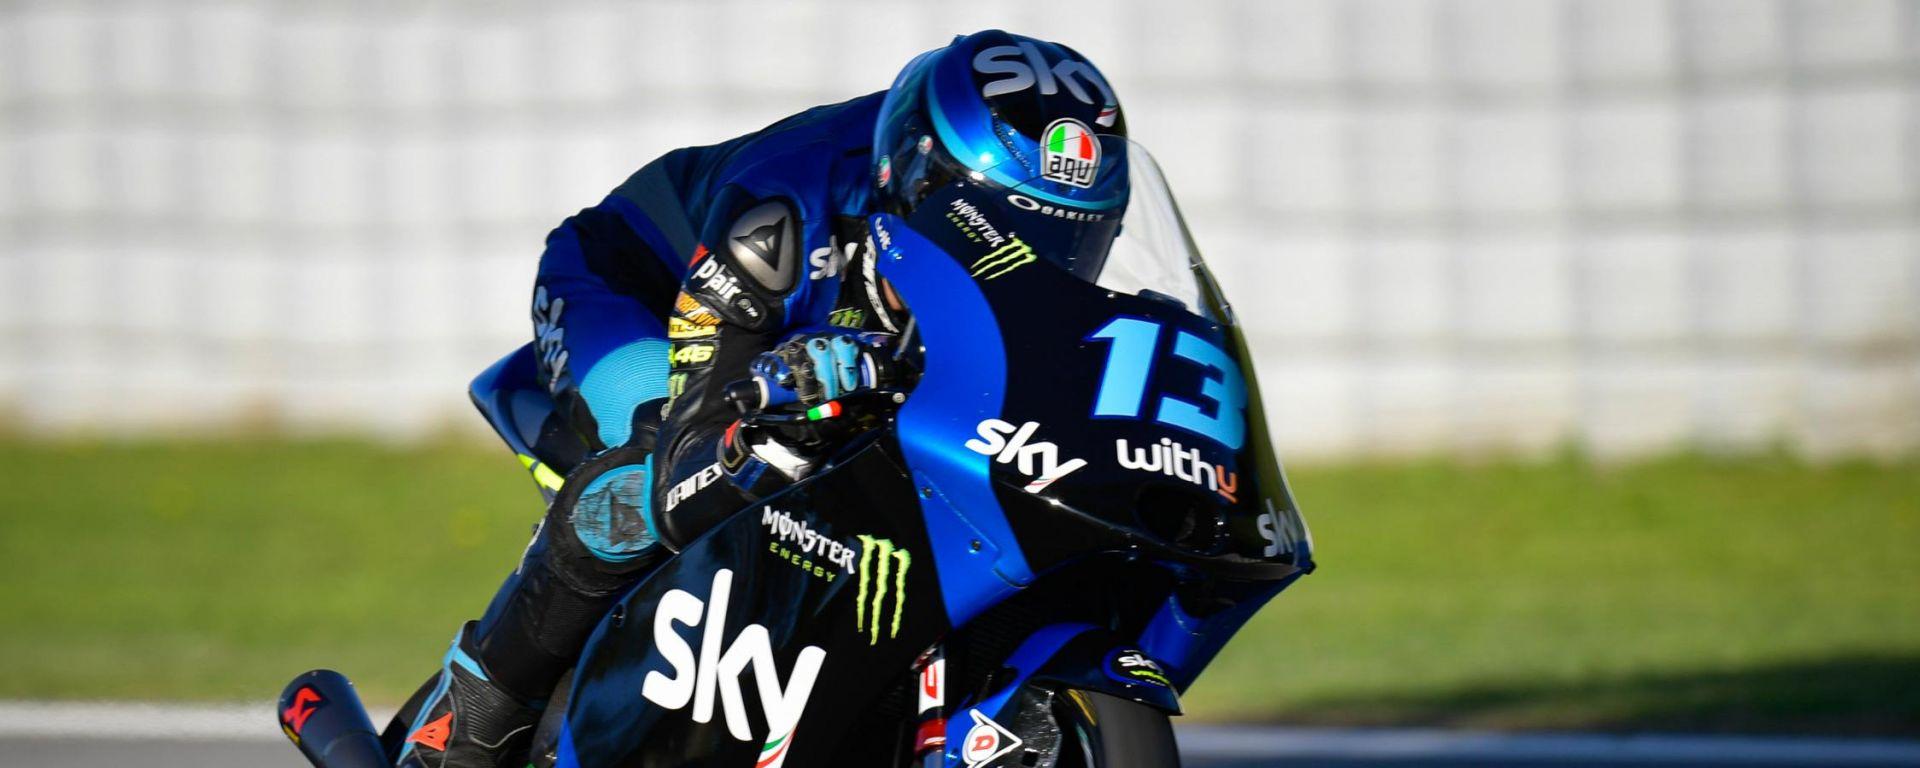 Celestino Vietti (Sky Racing Team VR46)